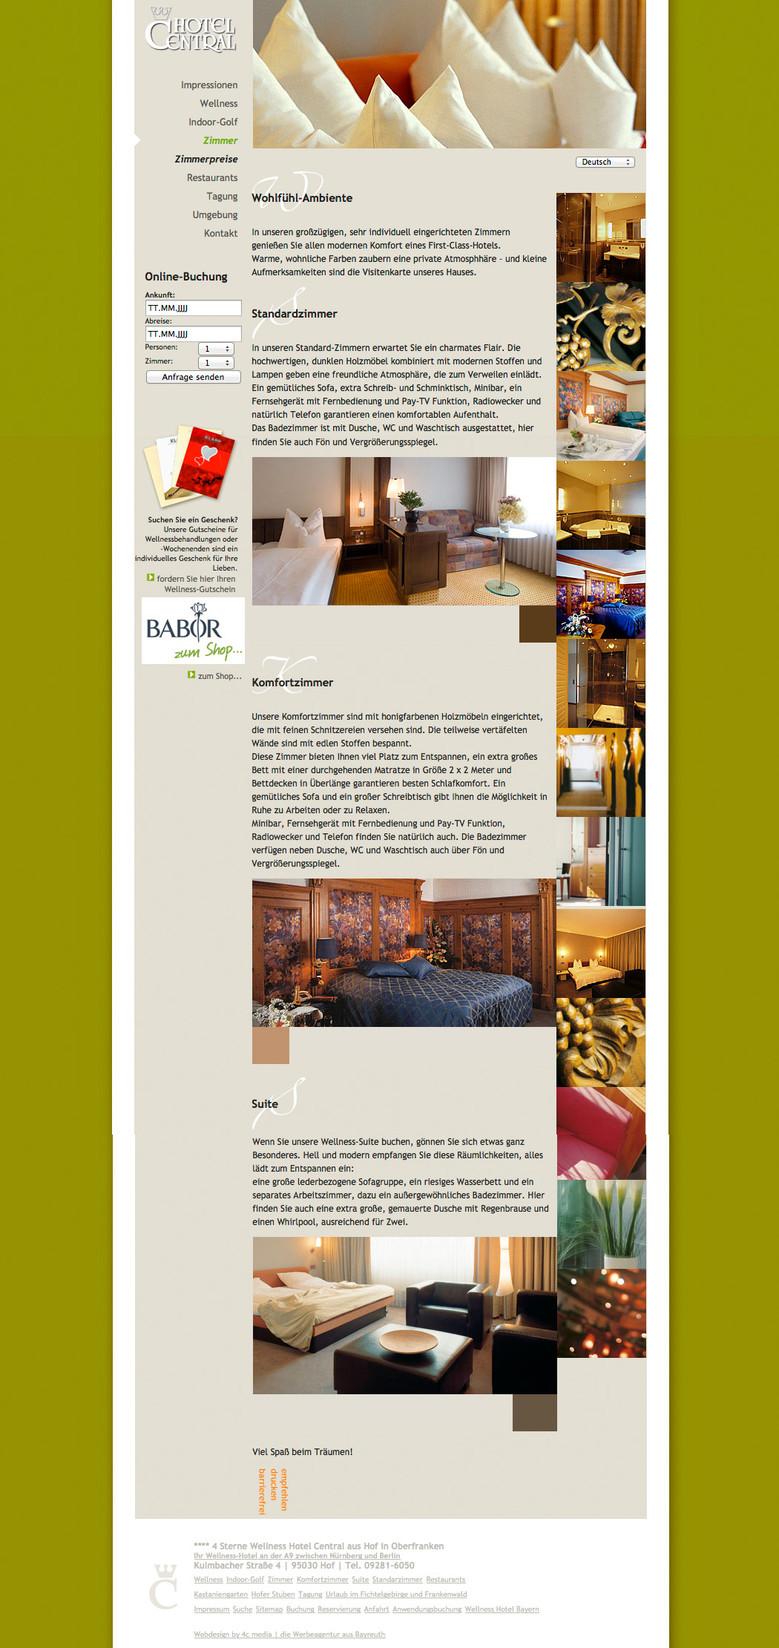 Hotel Central - Die Zimmer im Focus